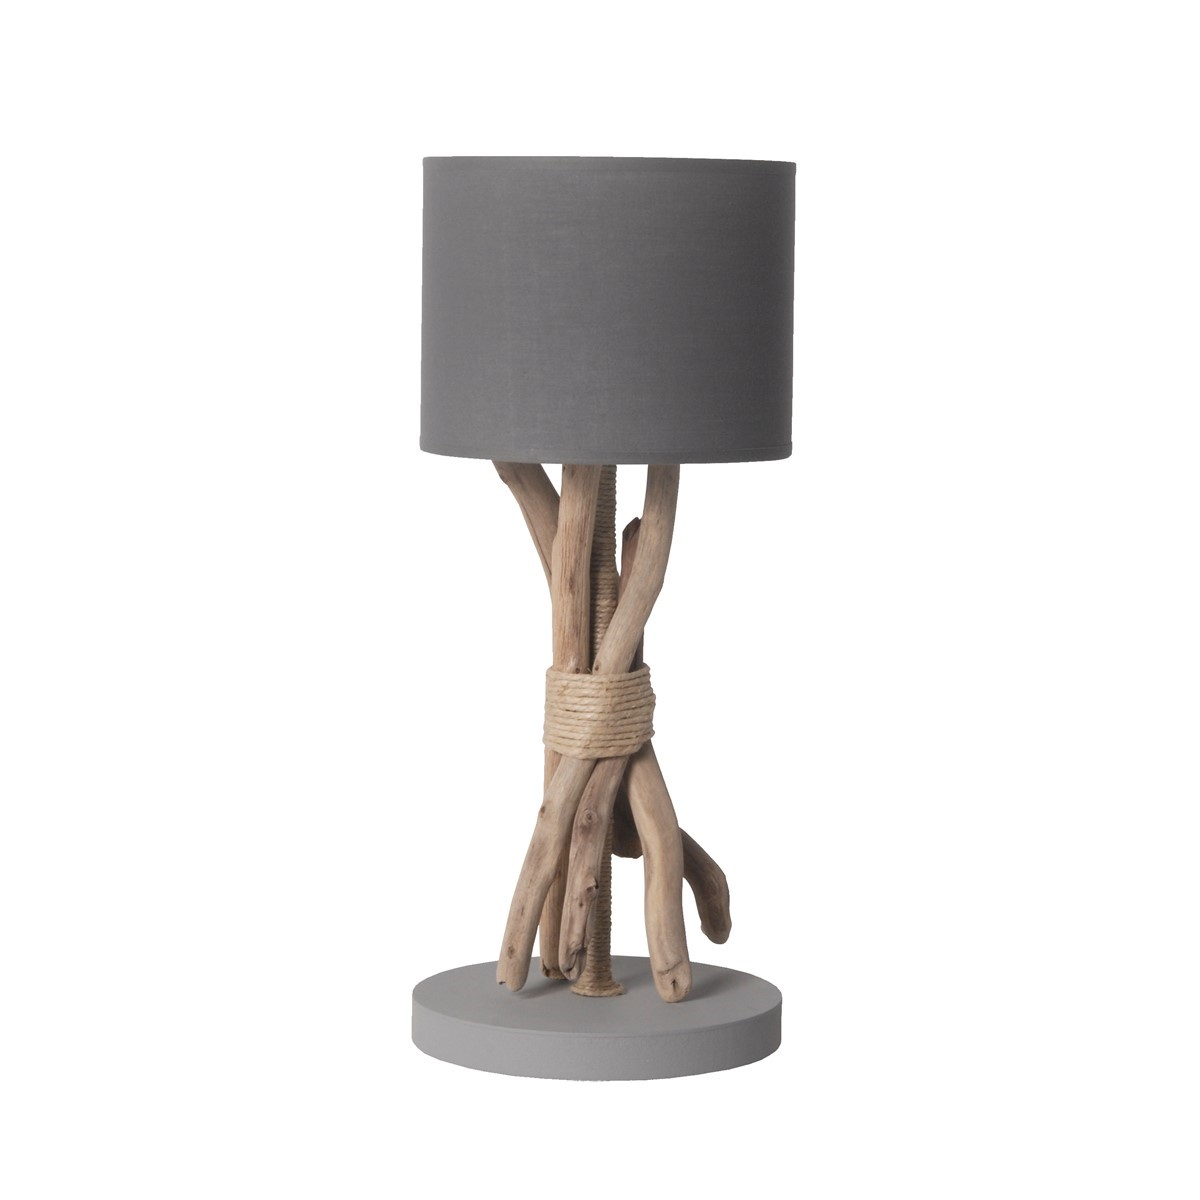 Lampe à poser en bois gris souris